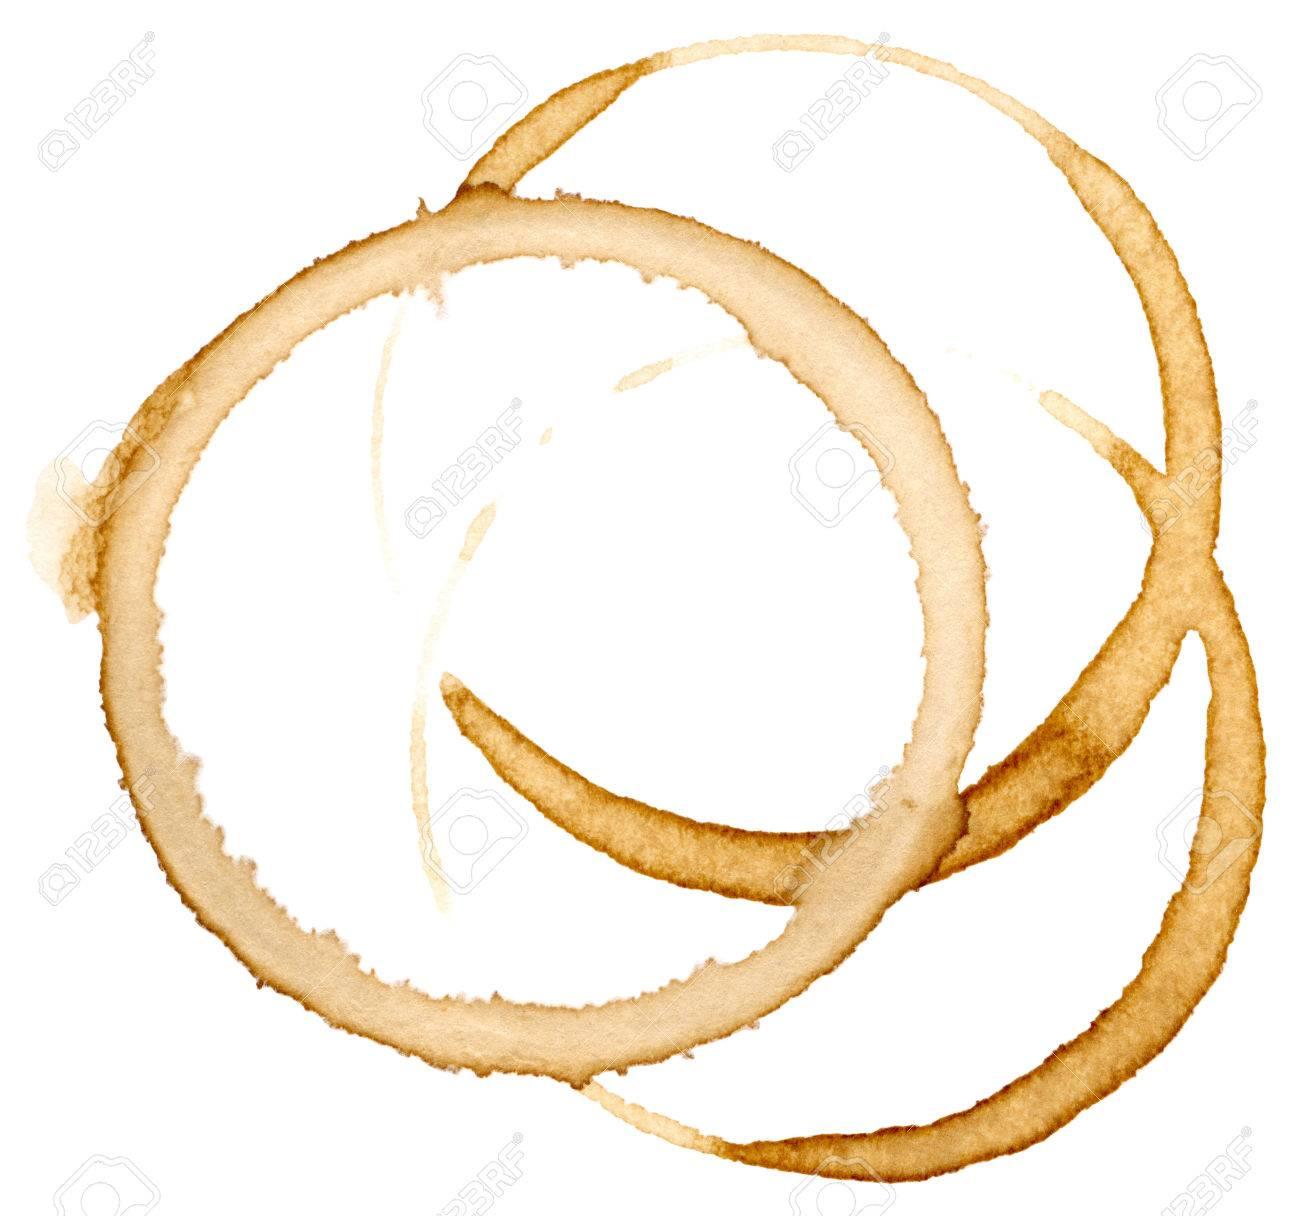 Coffee mug mark isolated on white background Stock Photo - 27608158